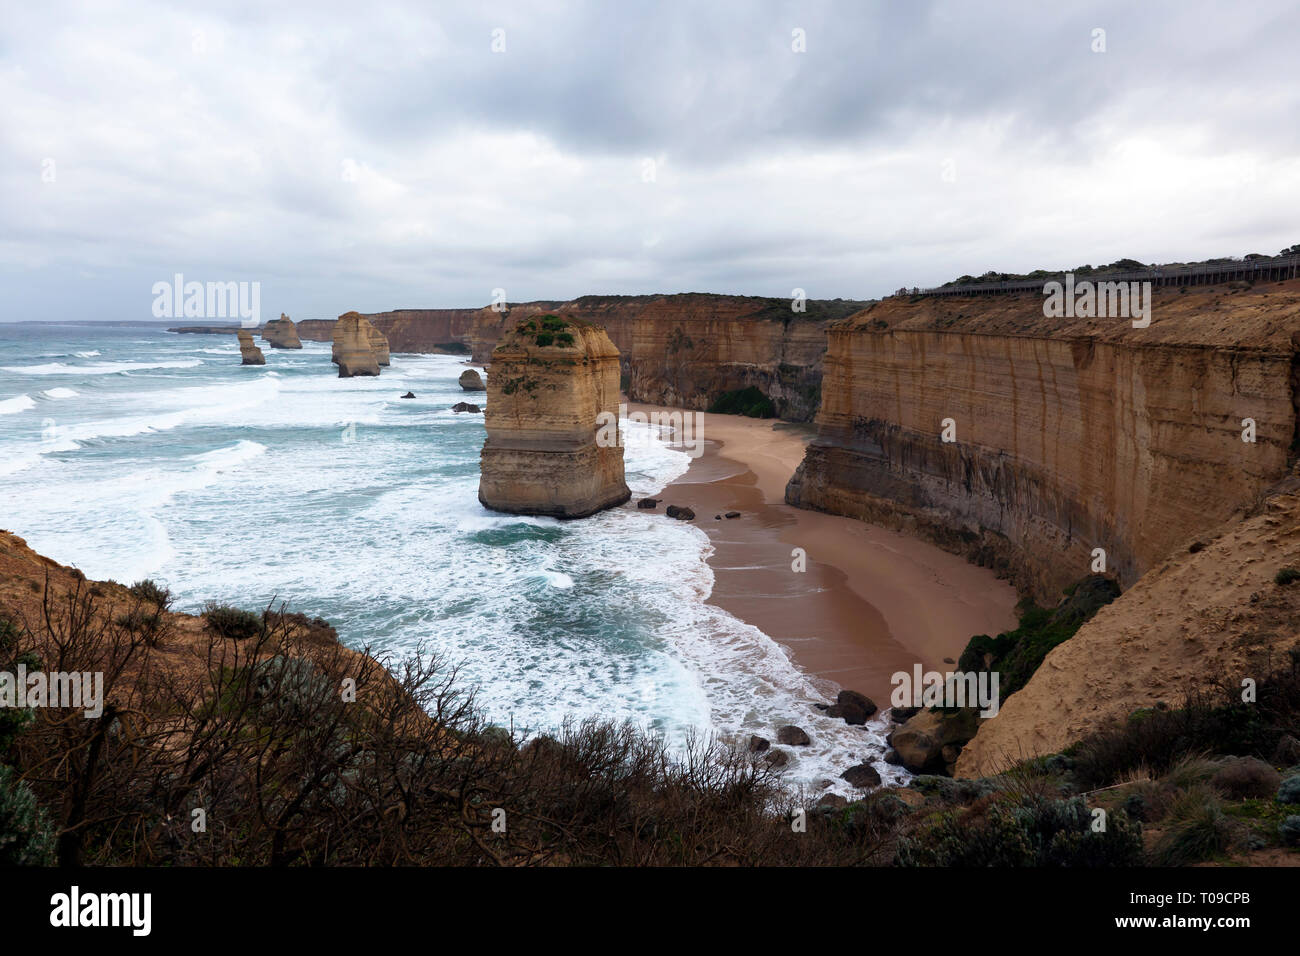 Voir la soirée de 'Les douze apôtres, Port Campbell National Park, Victoria, Australie Photo Stock